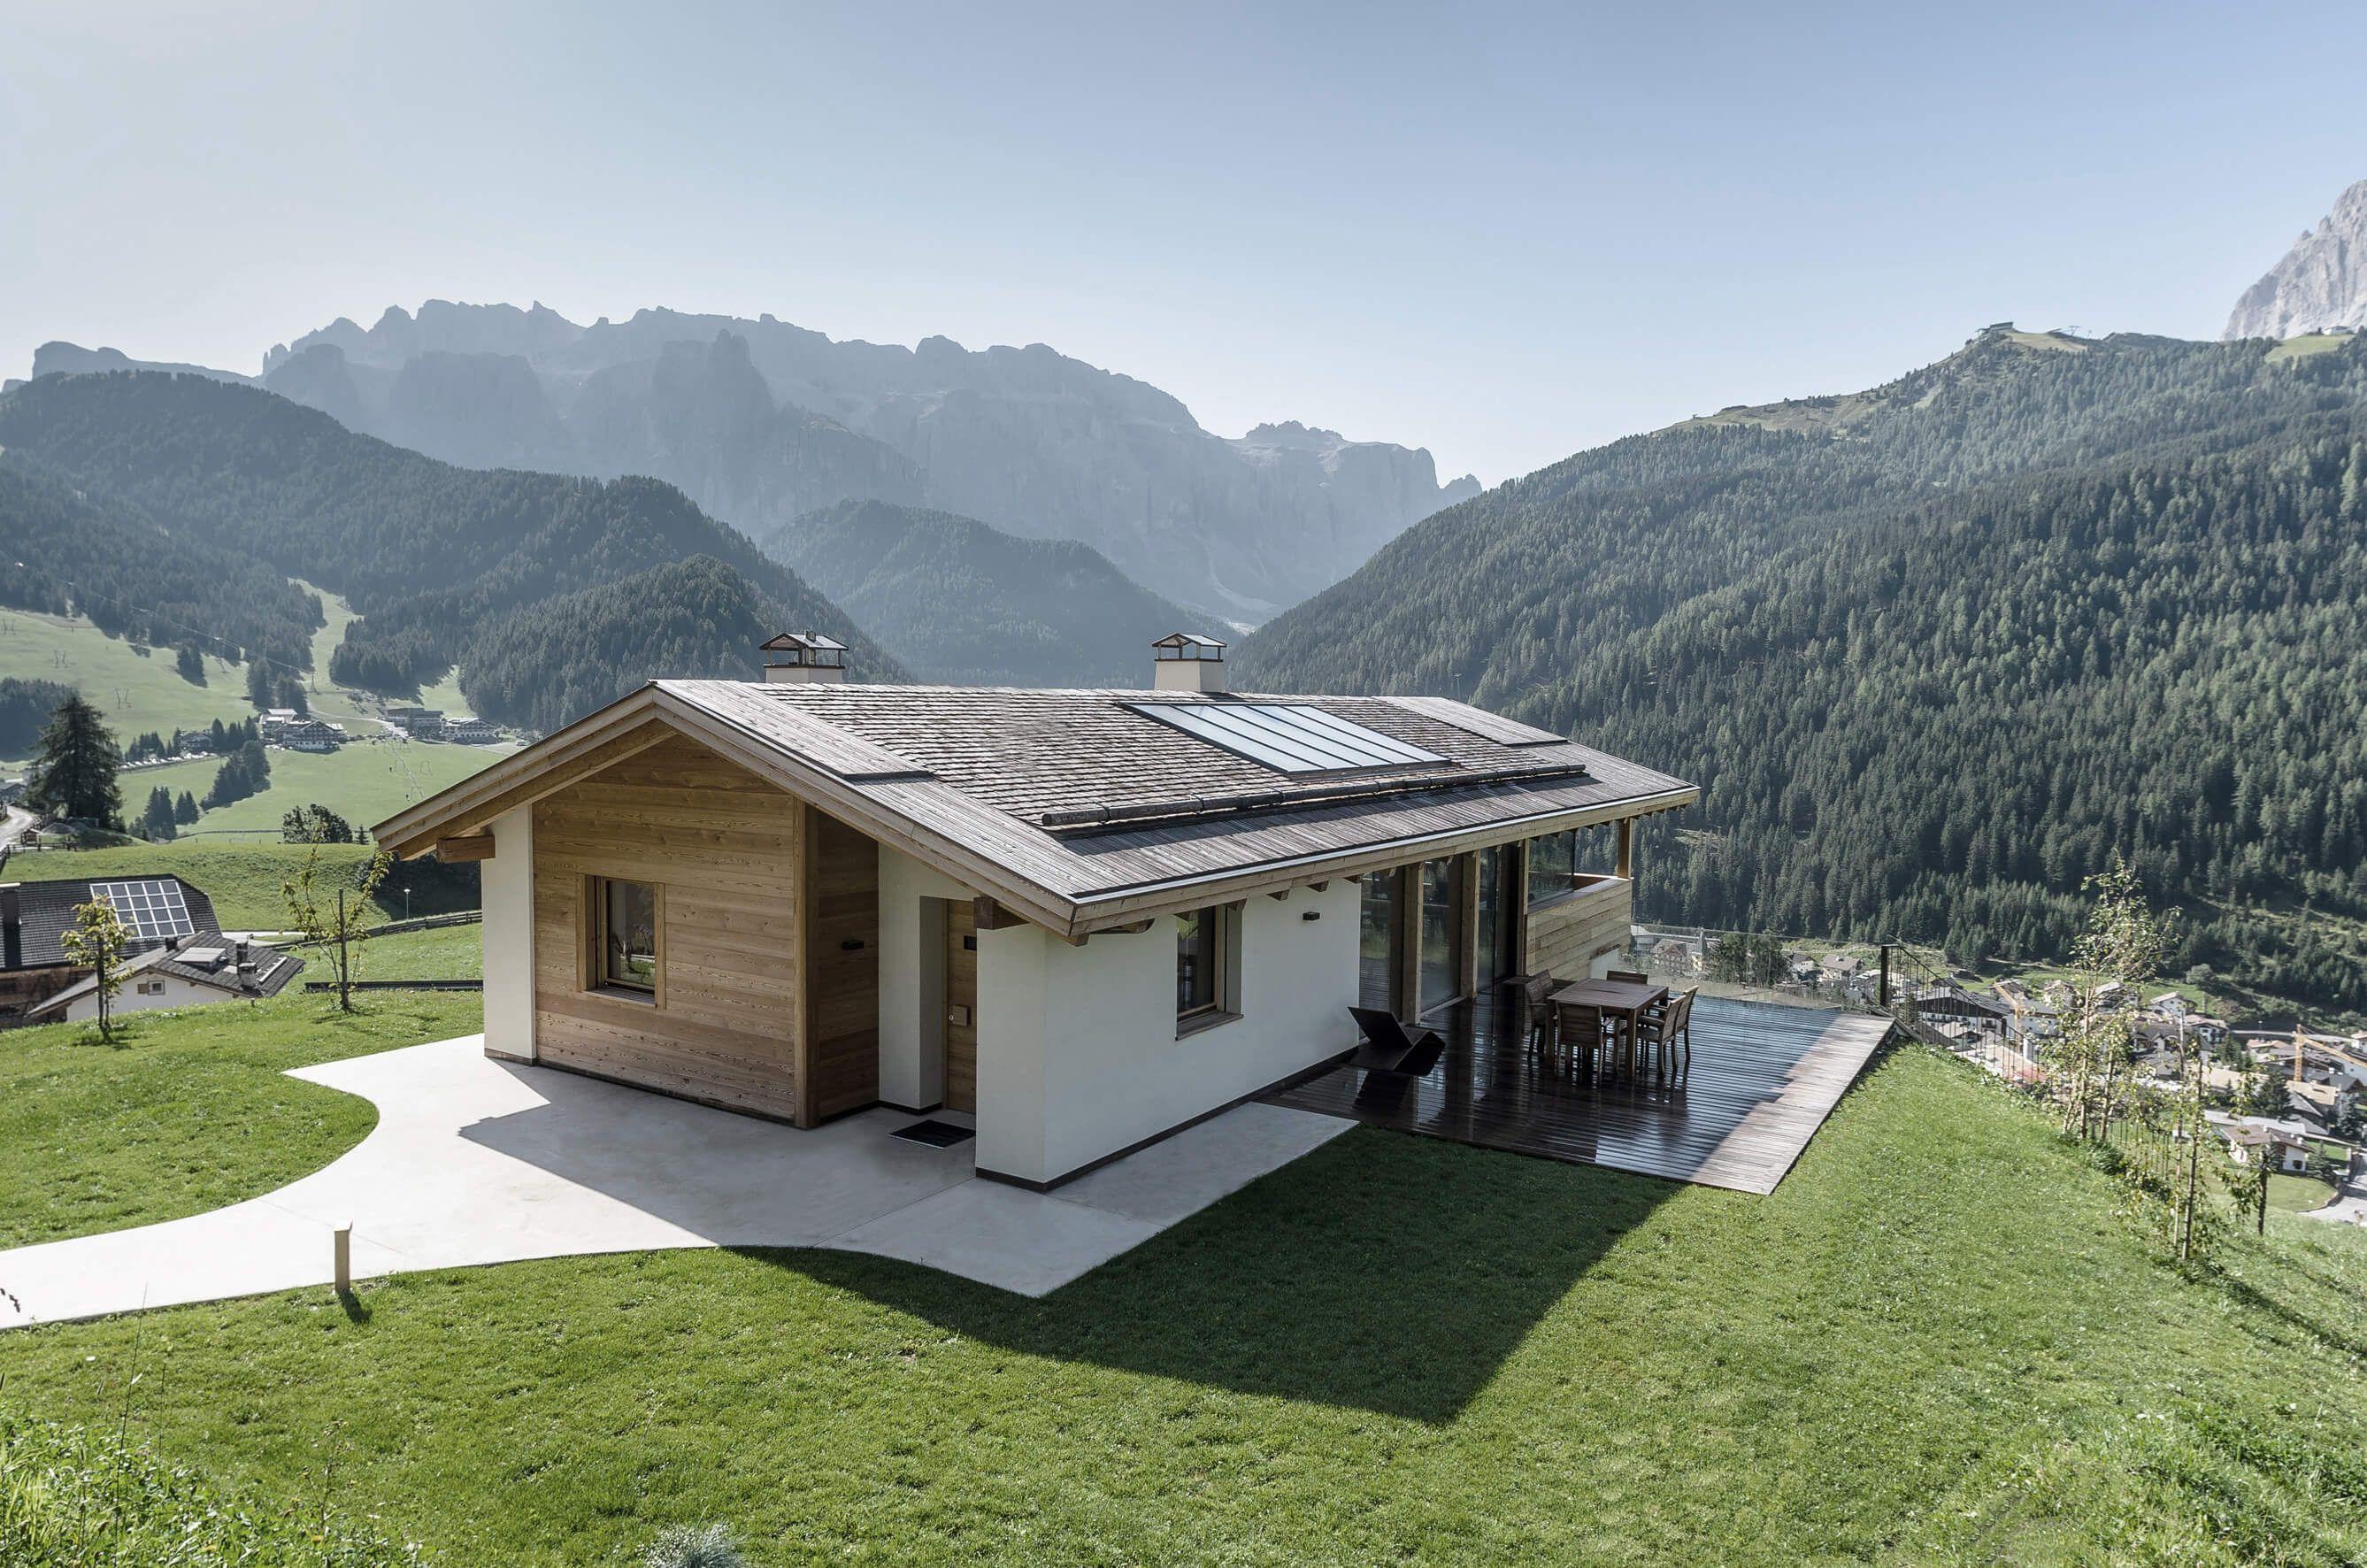 1457f977c3670455fa17c44ea01dbf44 - Hotel Tyrol Selva Di Val Gardena